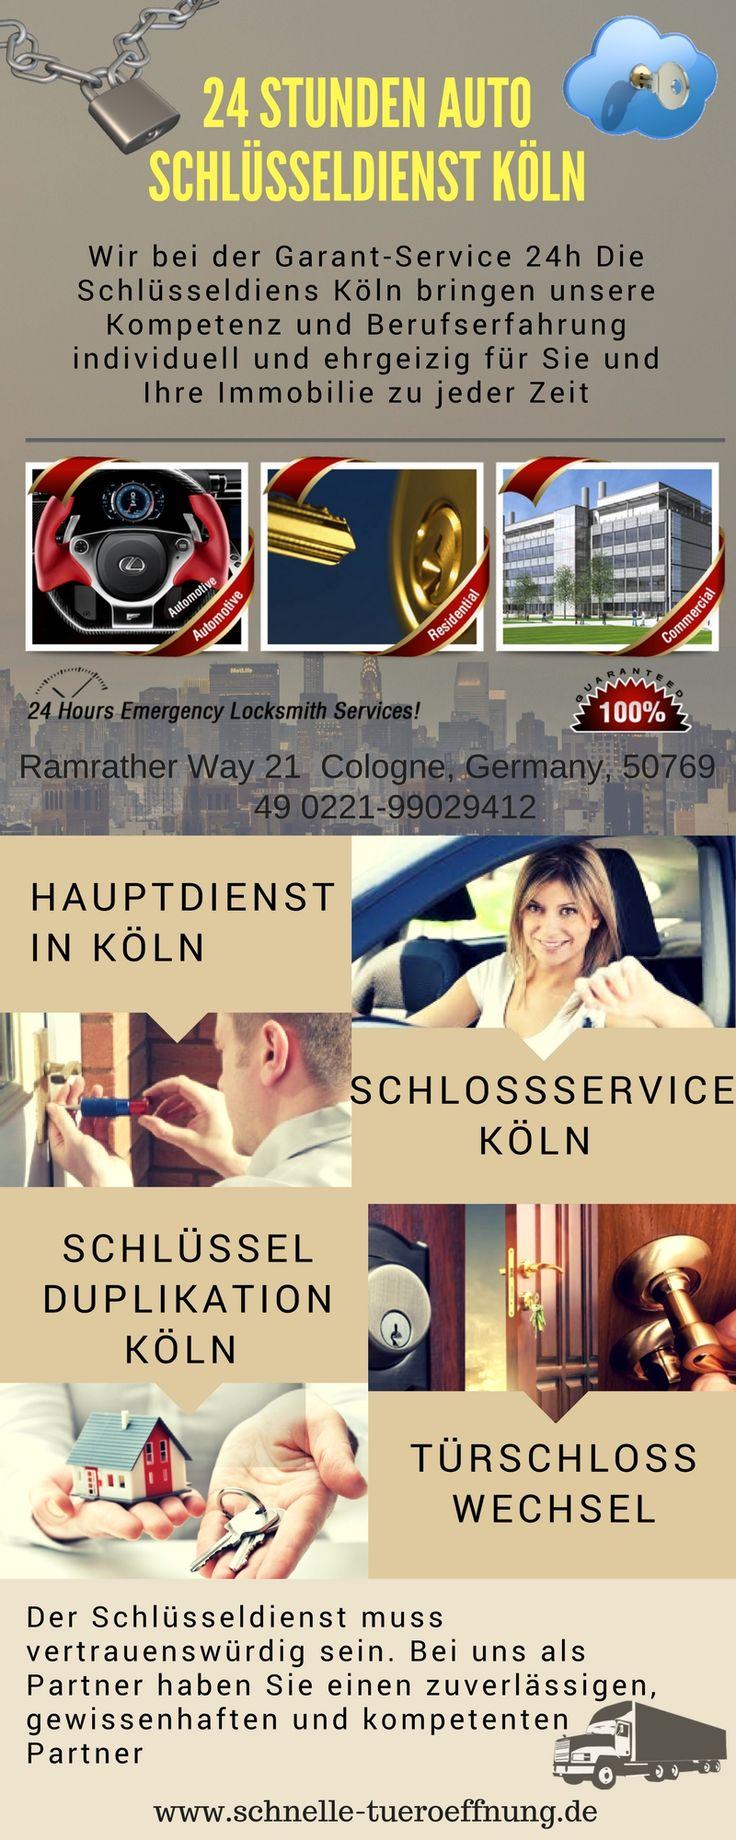 Sie haben Probleme mit Ihrer Tür und Ihrem Schloss? Schlüssel verloren? Tür zugefallen? Sie sind ausgesperrt? Melden Sie sich Tag und Nacht beim Schlüssel Notdienst der Köln Innenstadt.